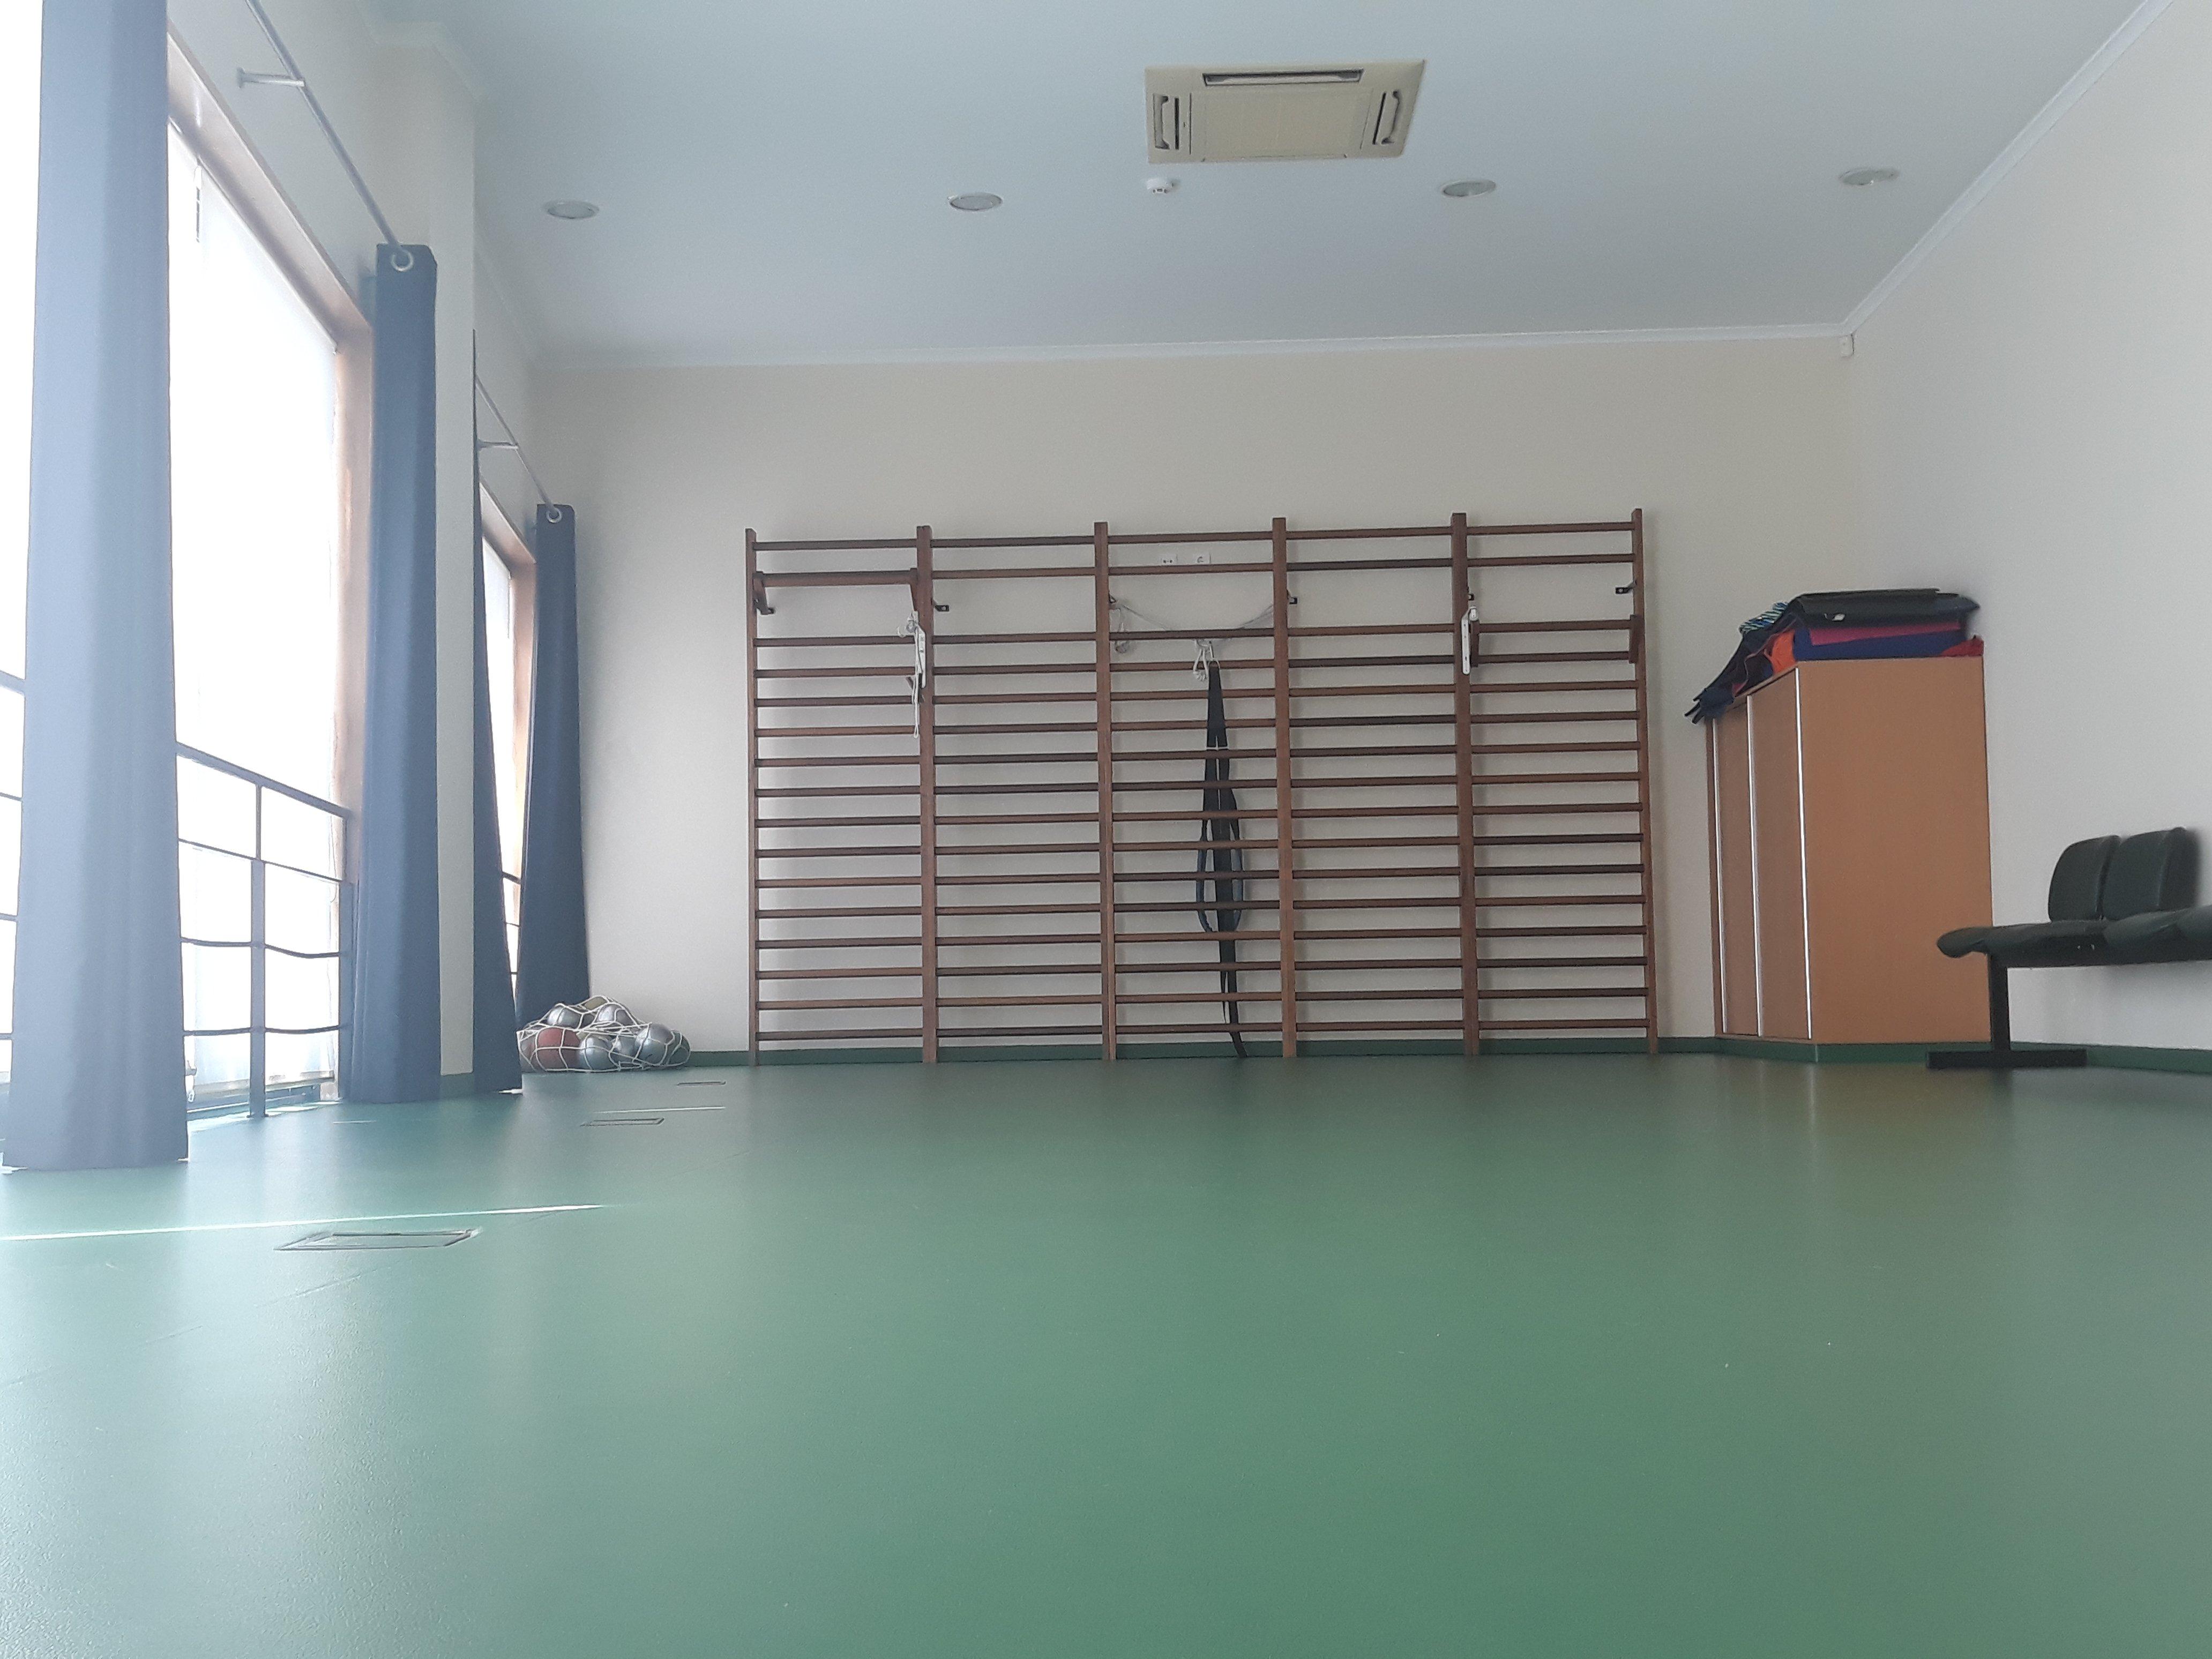 curso design de interiores lisboa aveiro